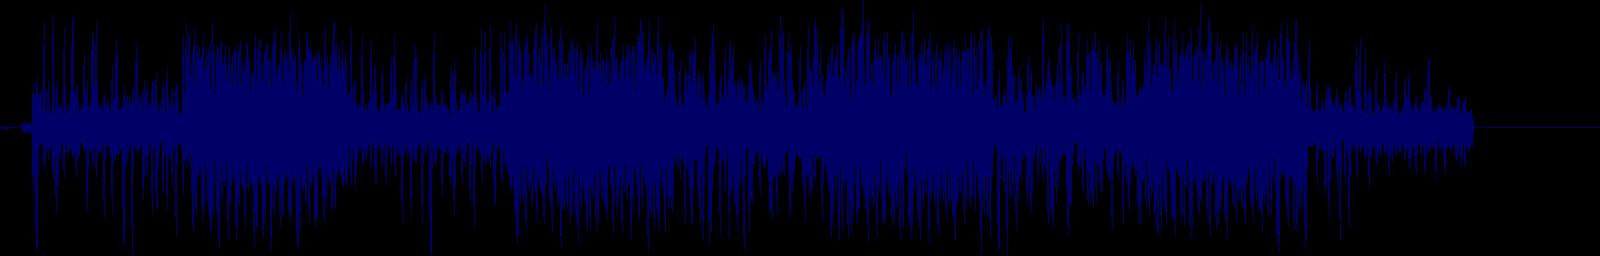 waveform of track #117125